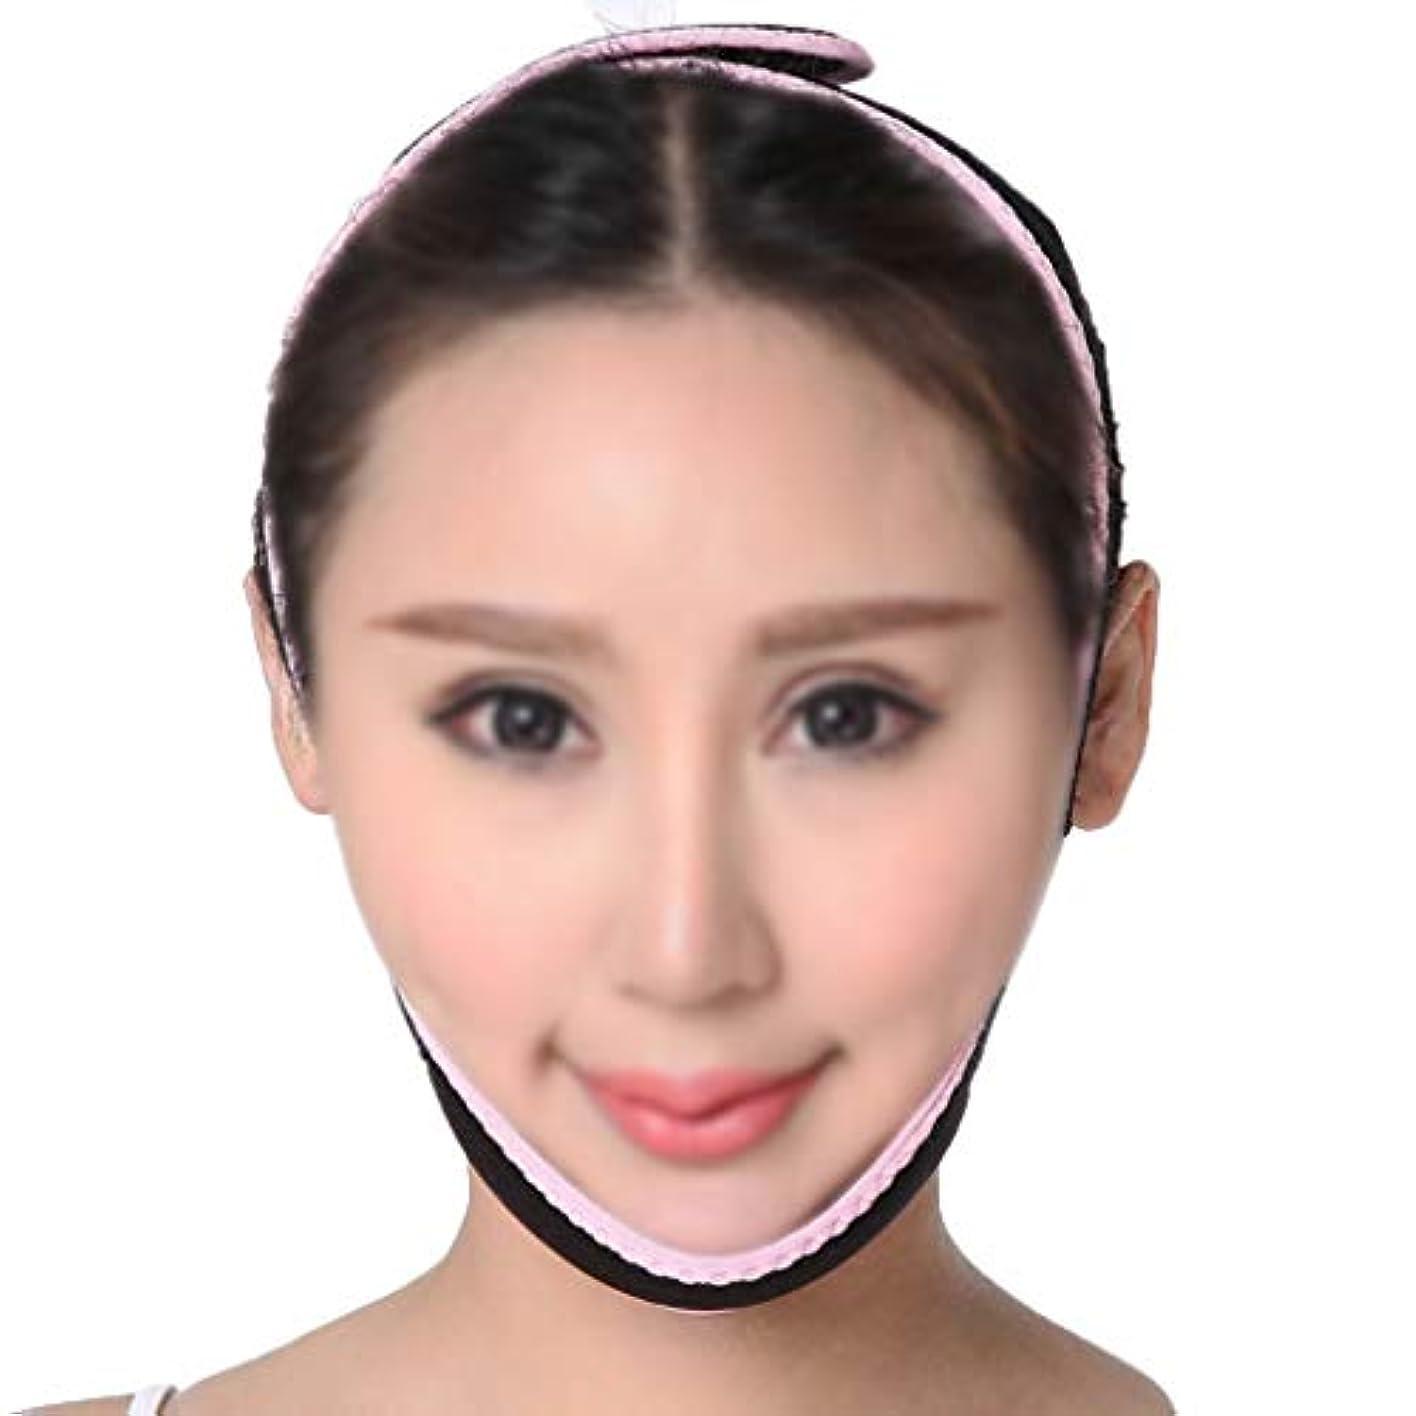 トライアスロン吐く解き明かすGLJJQMY 引き締めマスク薄い顔面マスクフェイスリフティング器具V顔薄い顔面包帯薄い顔マッサージ器薄い顔面マスクフェイスリフティング装置 顔用整形マスク